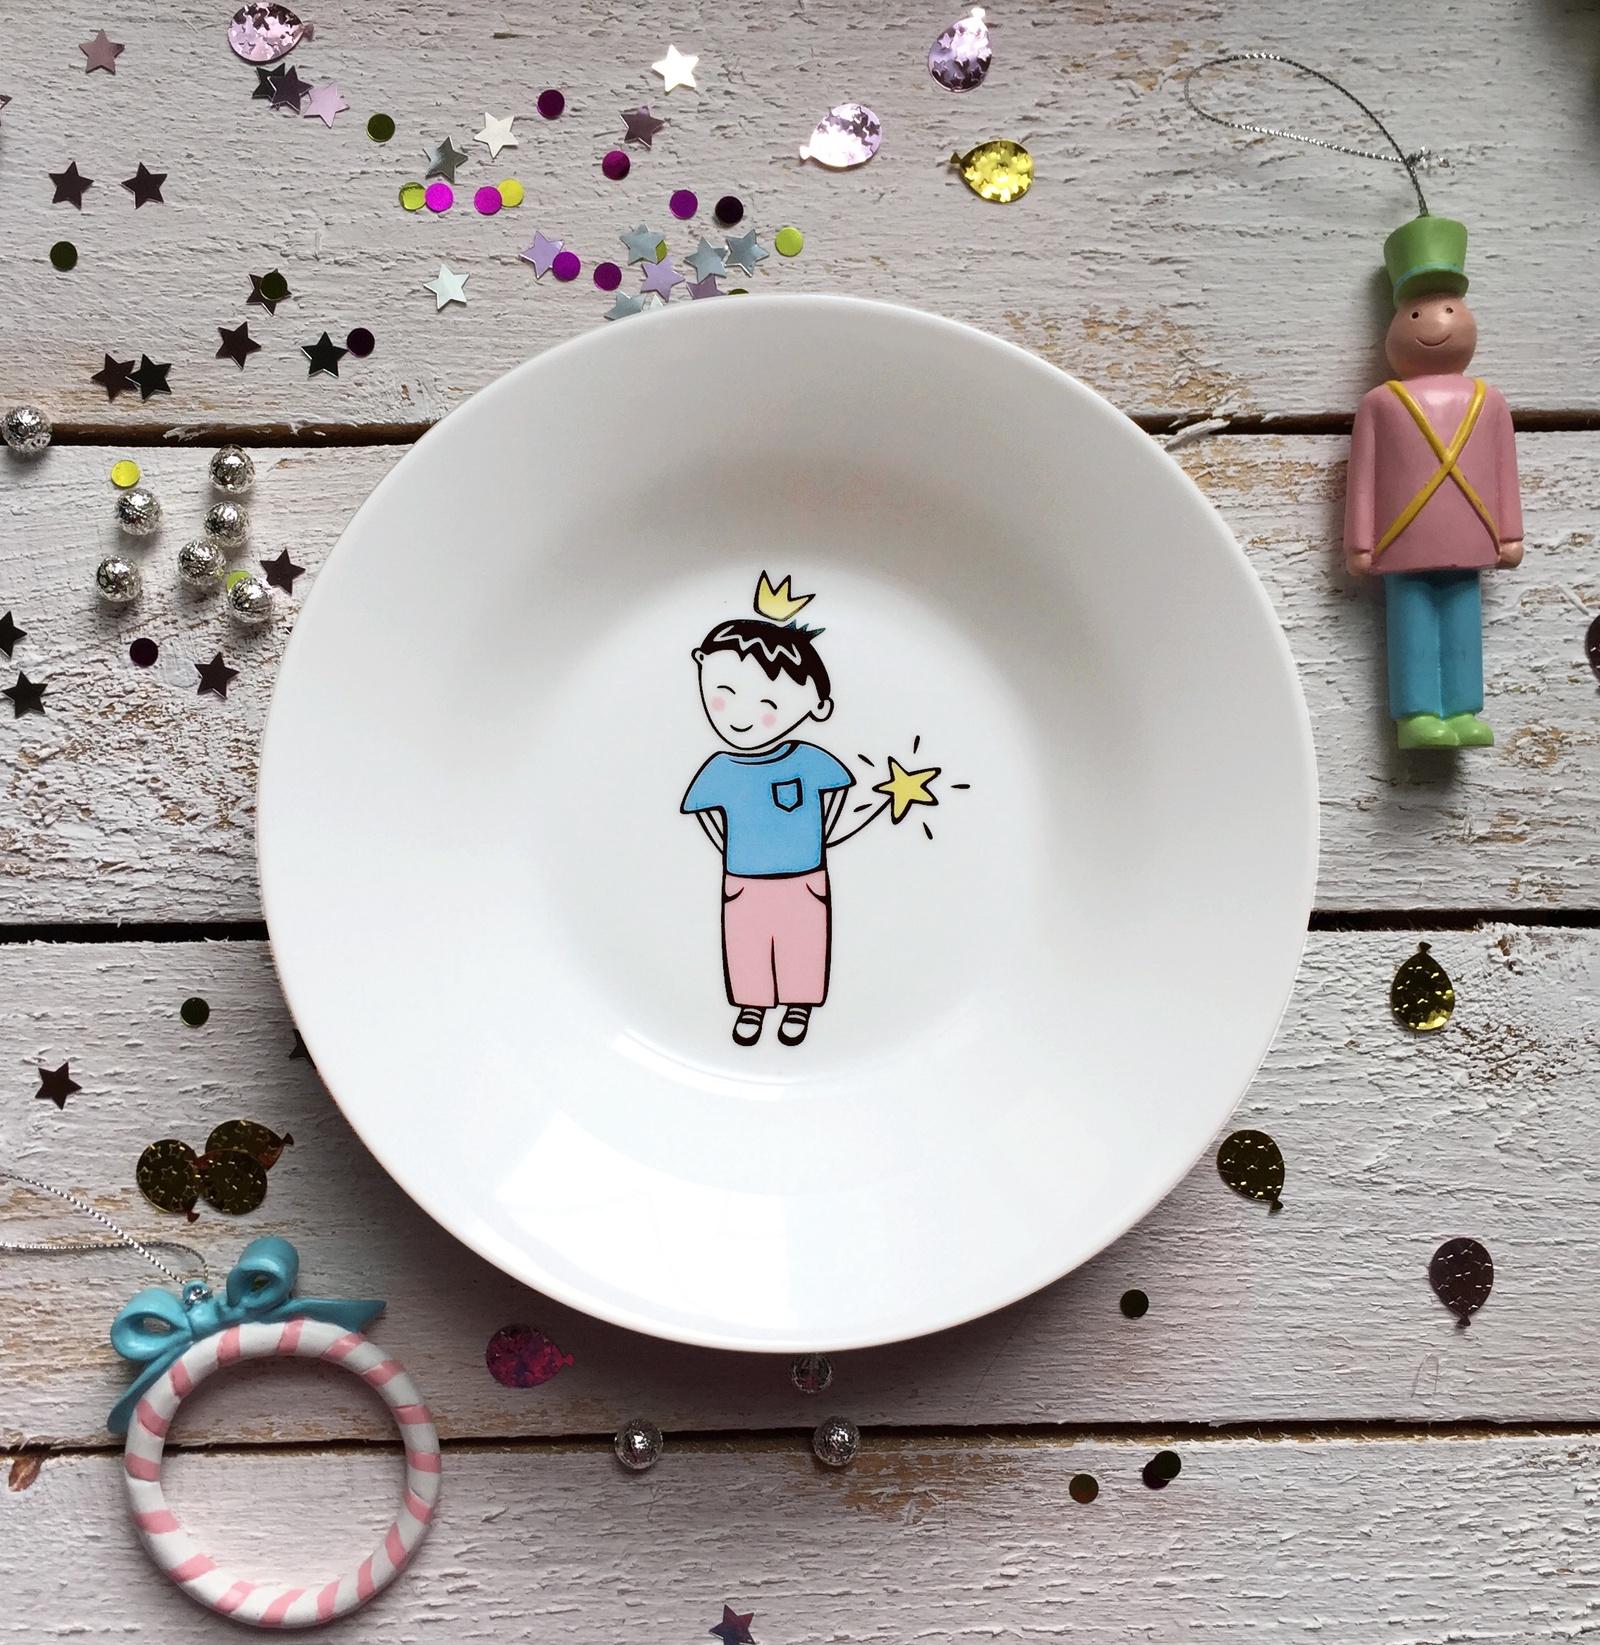 Тарелка глубокая Сотвори Чудо Маленький король 20 см, белый тарелка мелкая сотвори чудо бантик sans brides диаметр 20 см